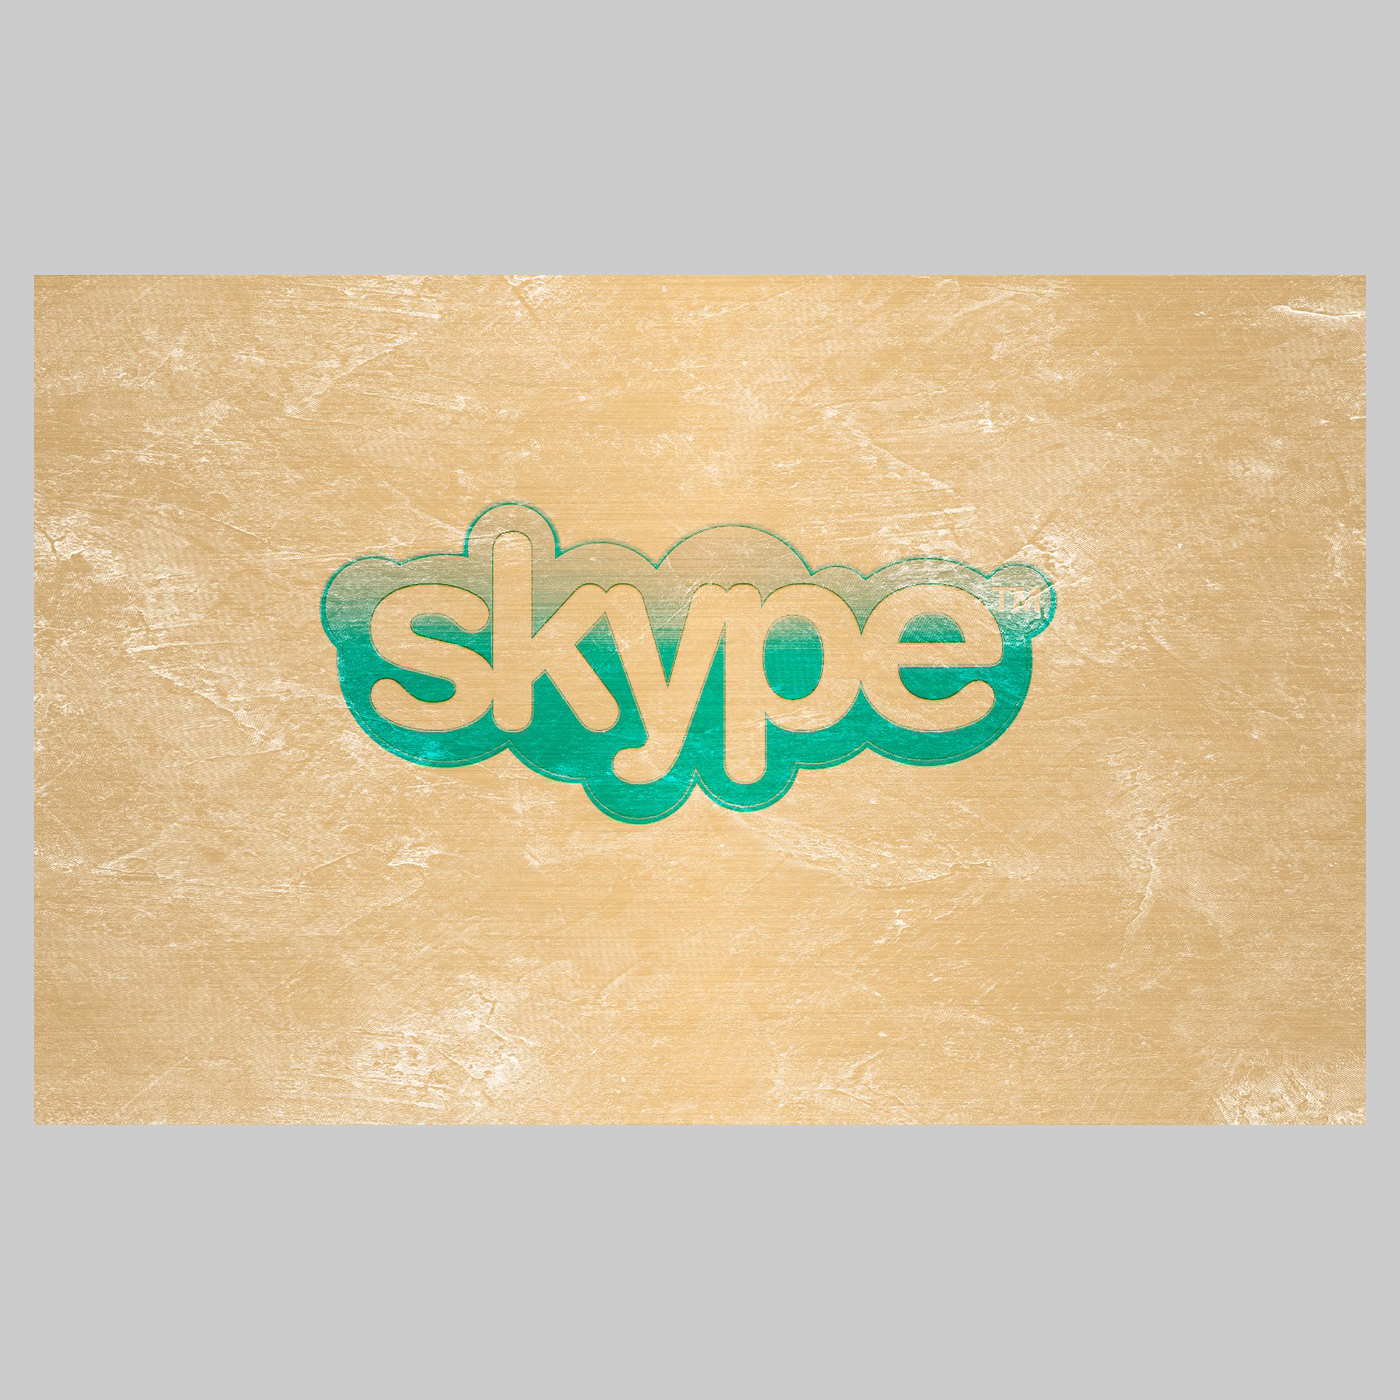 Technoworld/Տեխնոաշխարհ #8. Skype-ը  կթարգմանի ձեր խոսքը